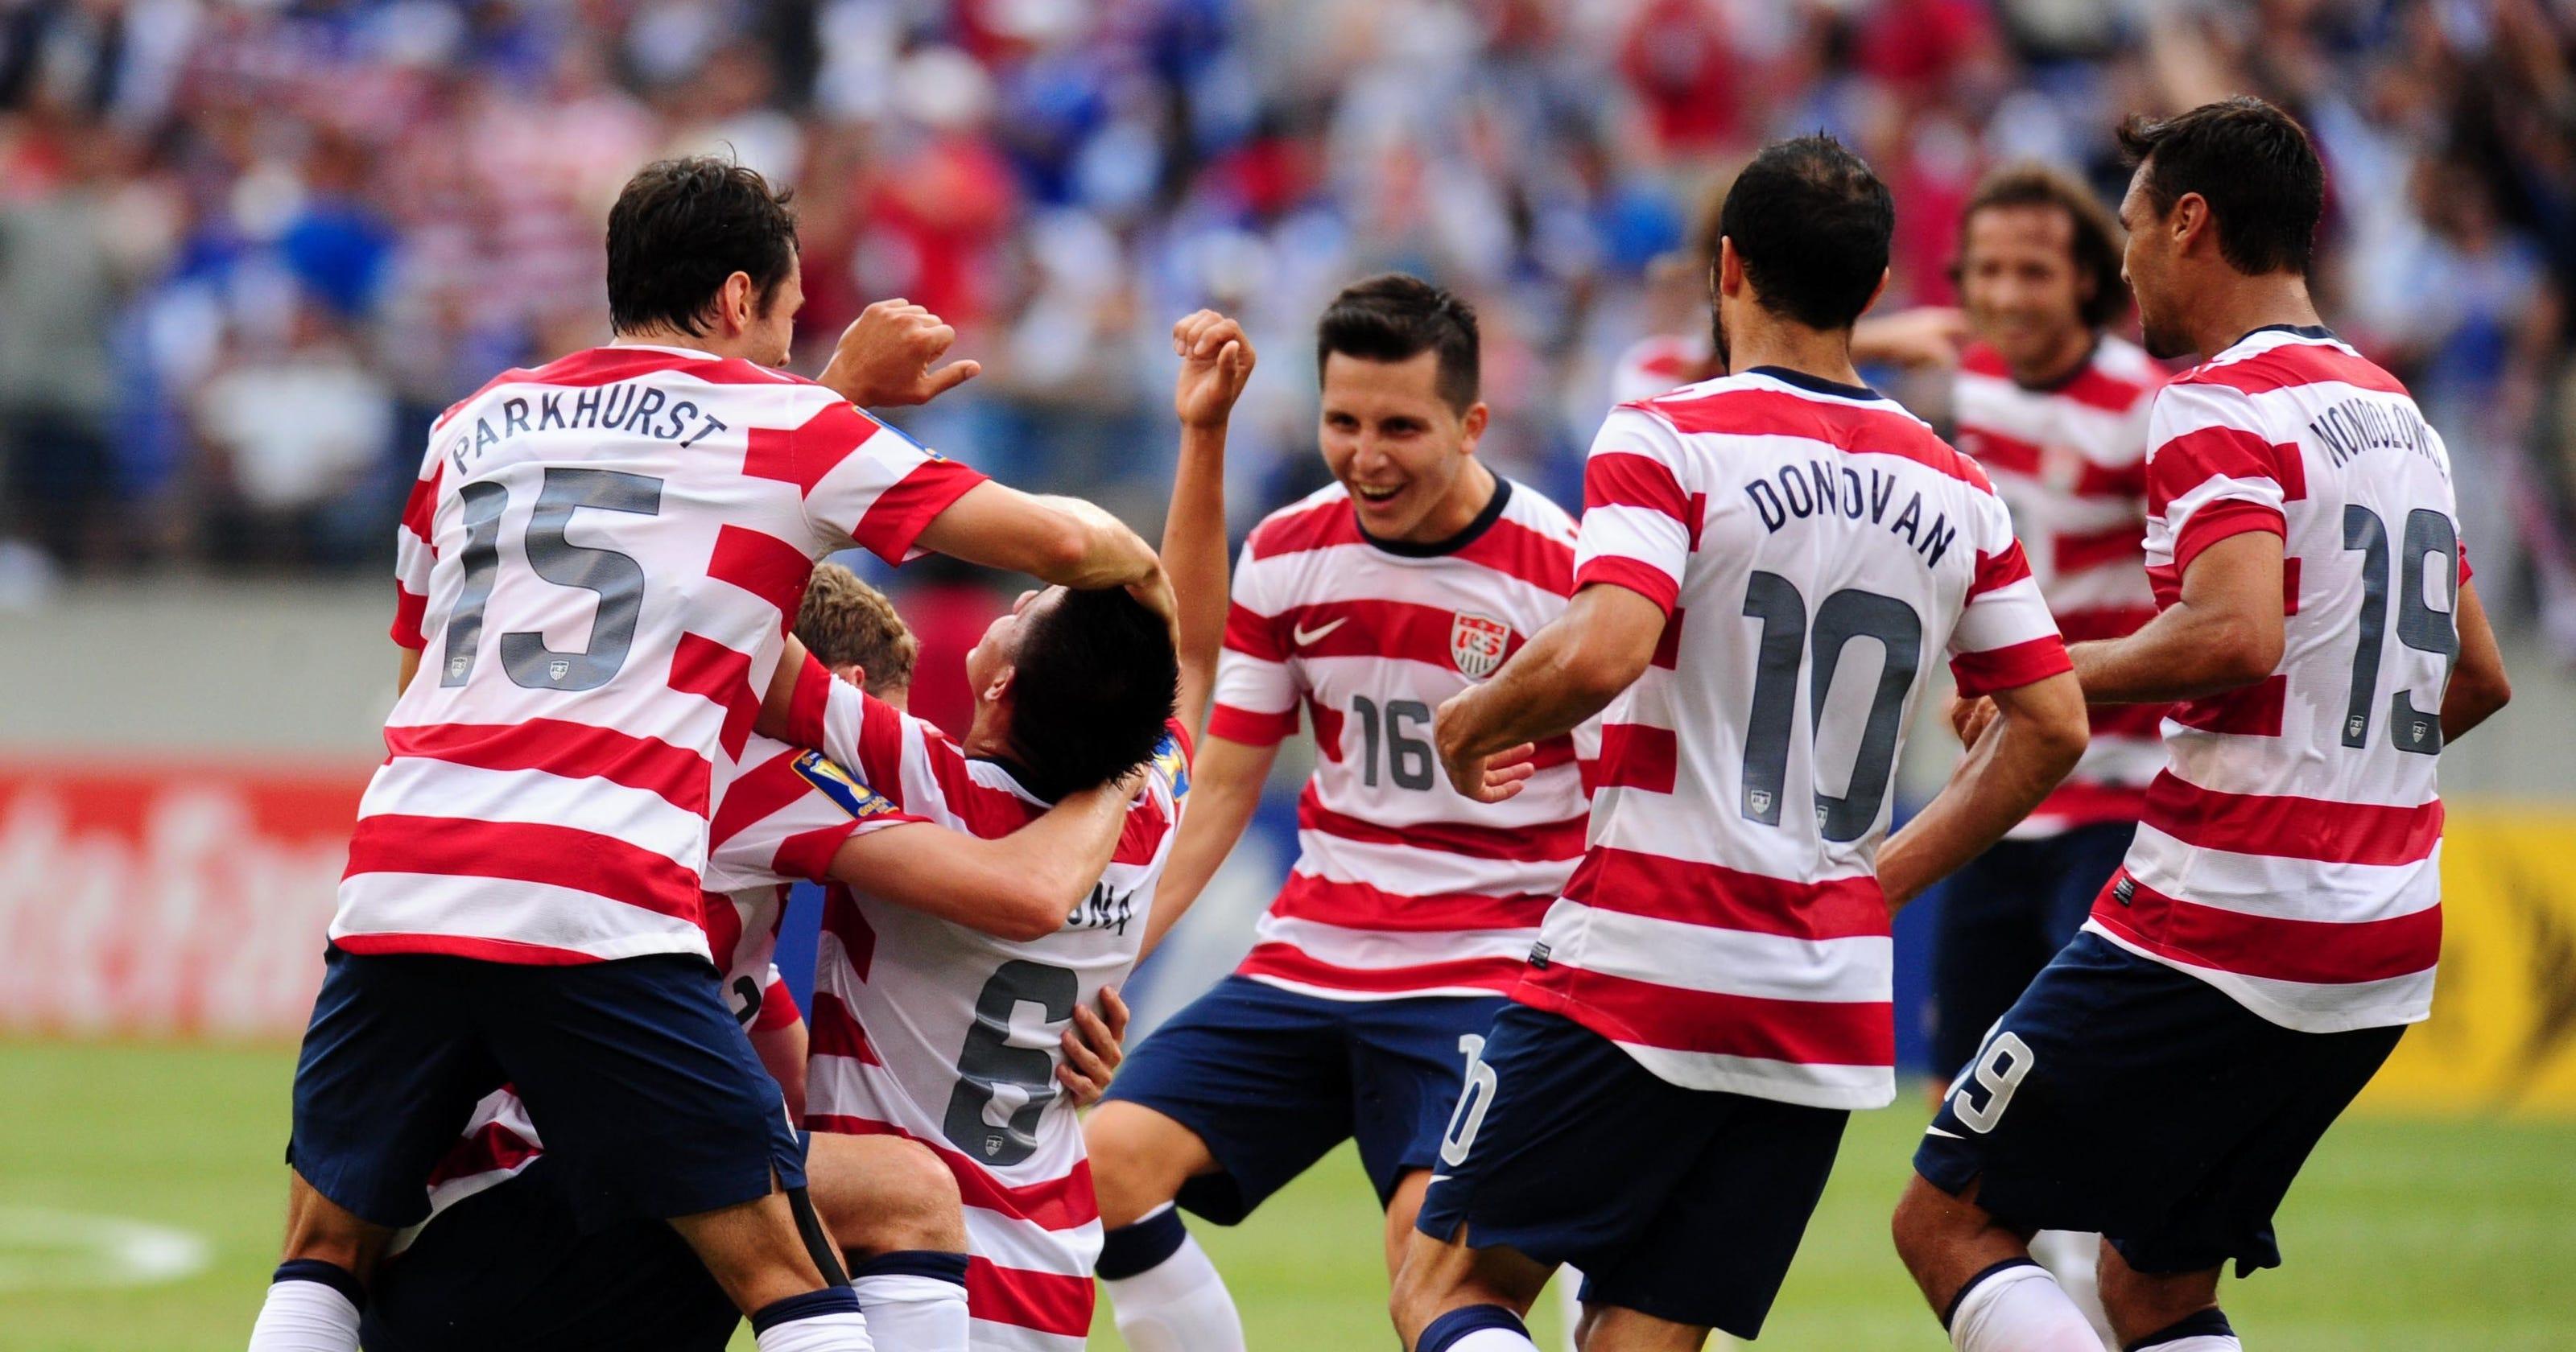 U.S. routs El Salvador to advance to Gold Cup semis A Cup Vs C Cup